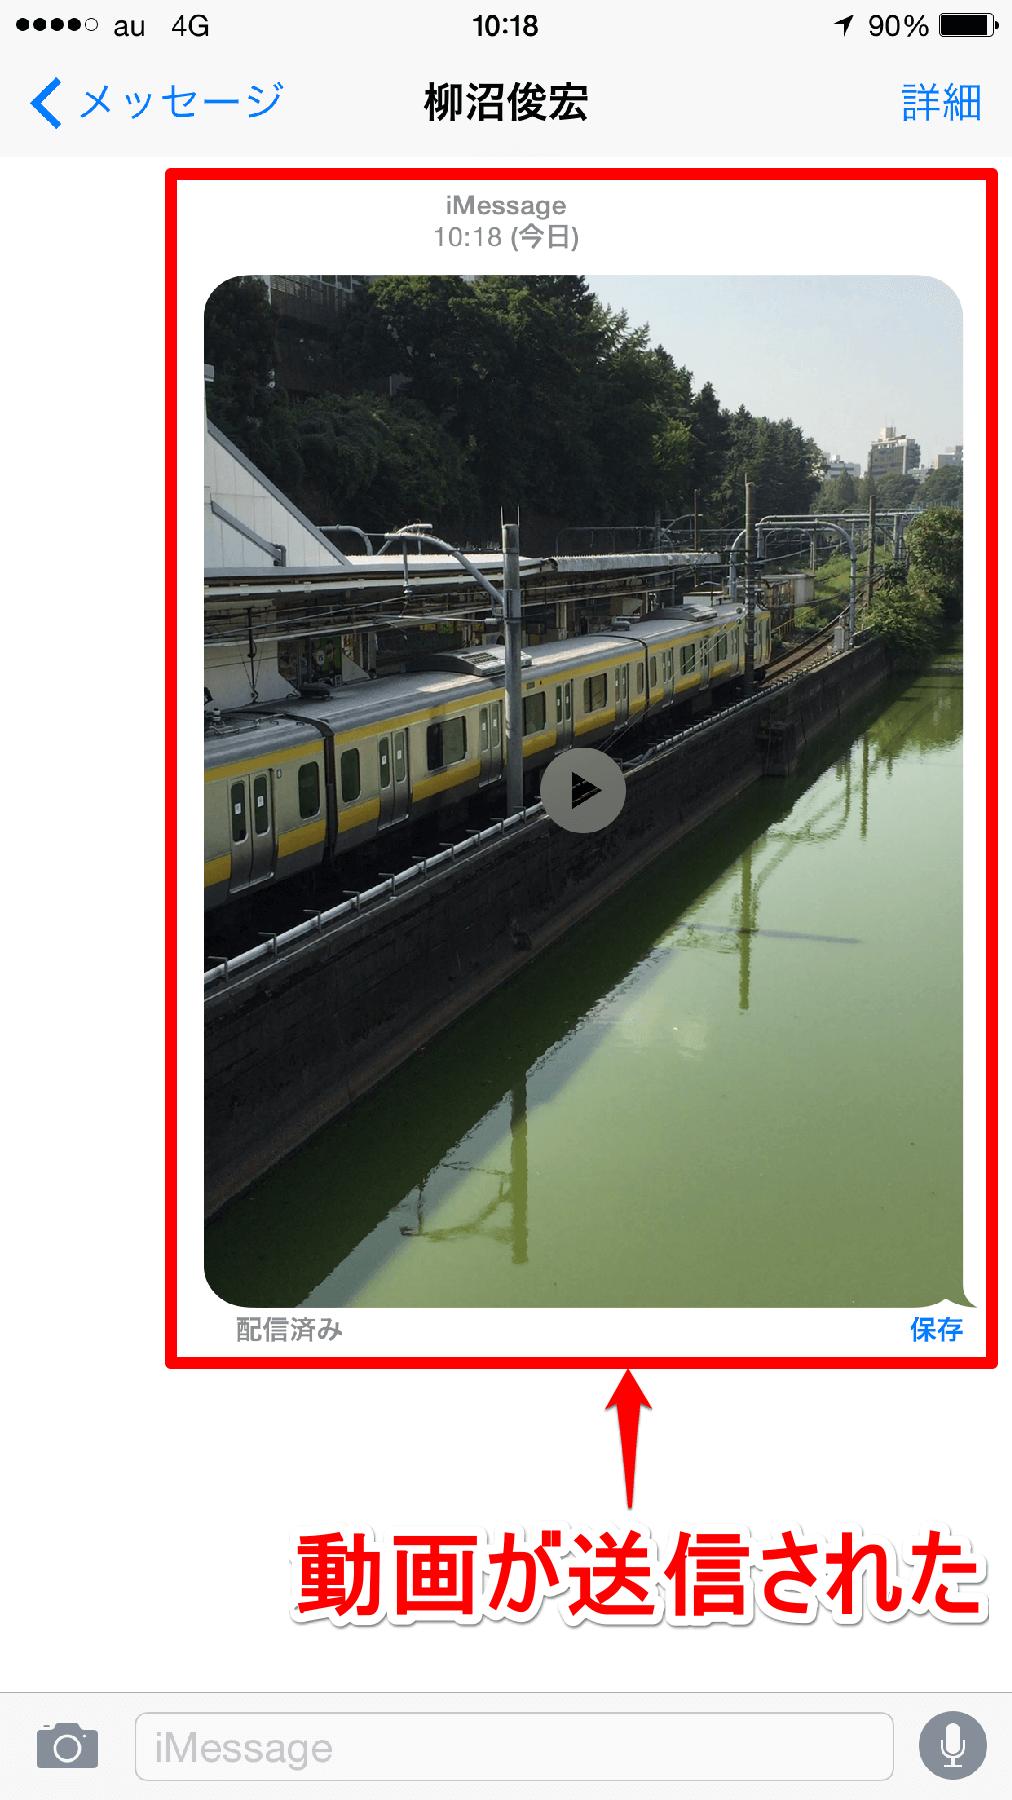 ビデオメッセージが送信された画面